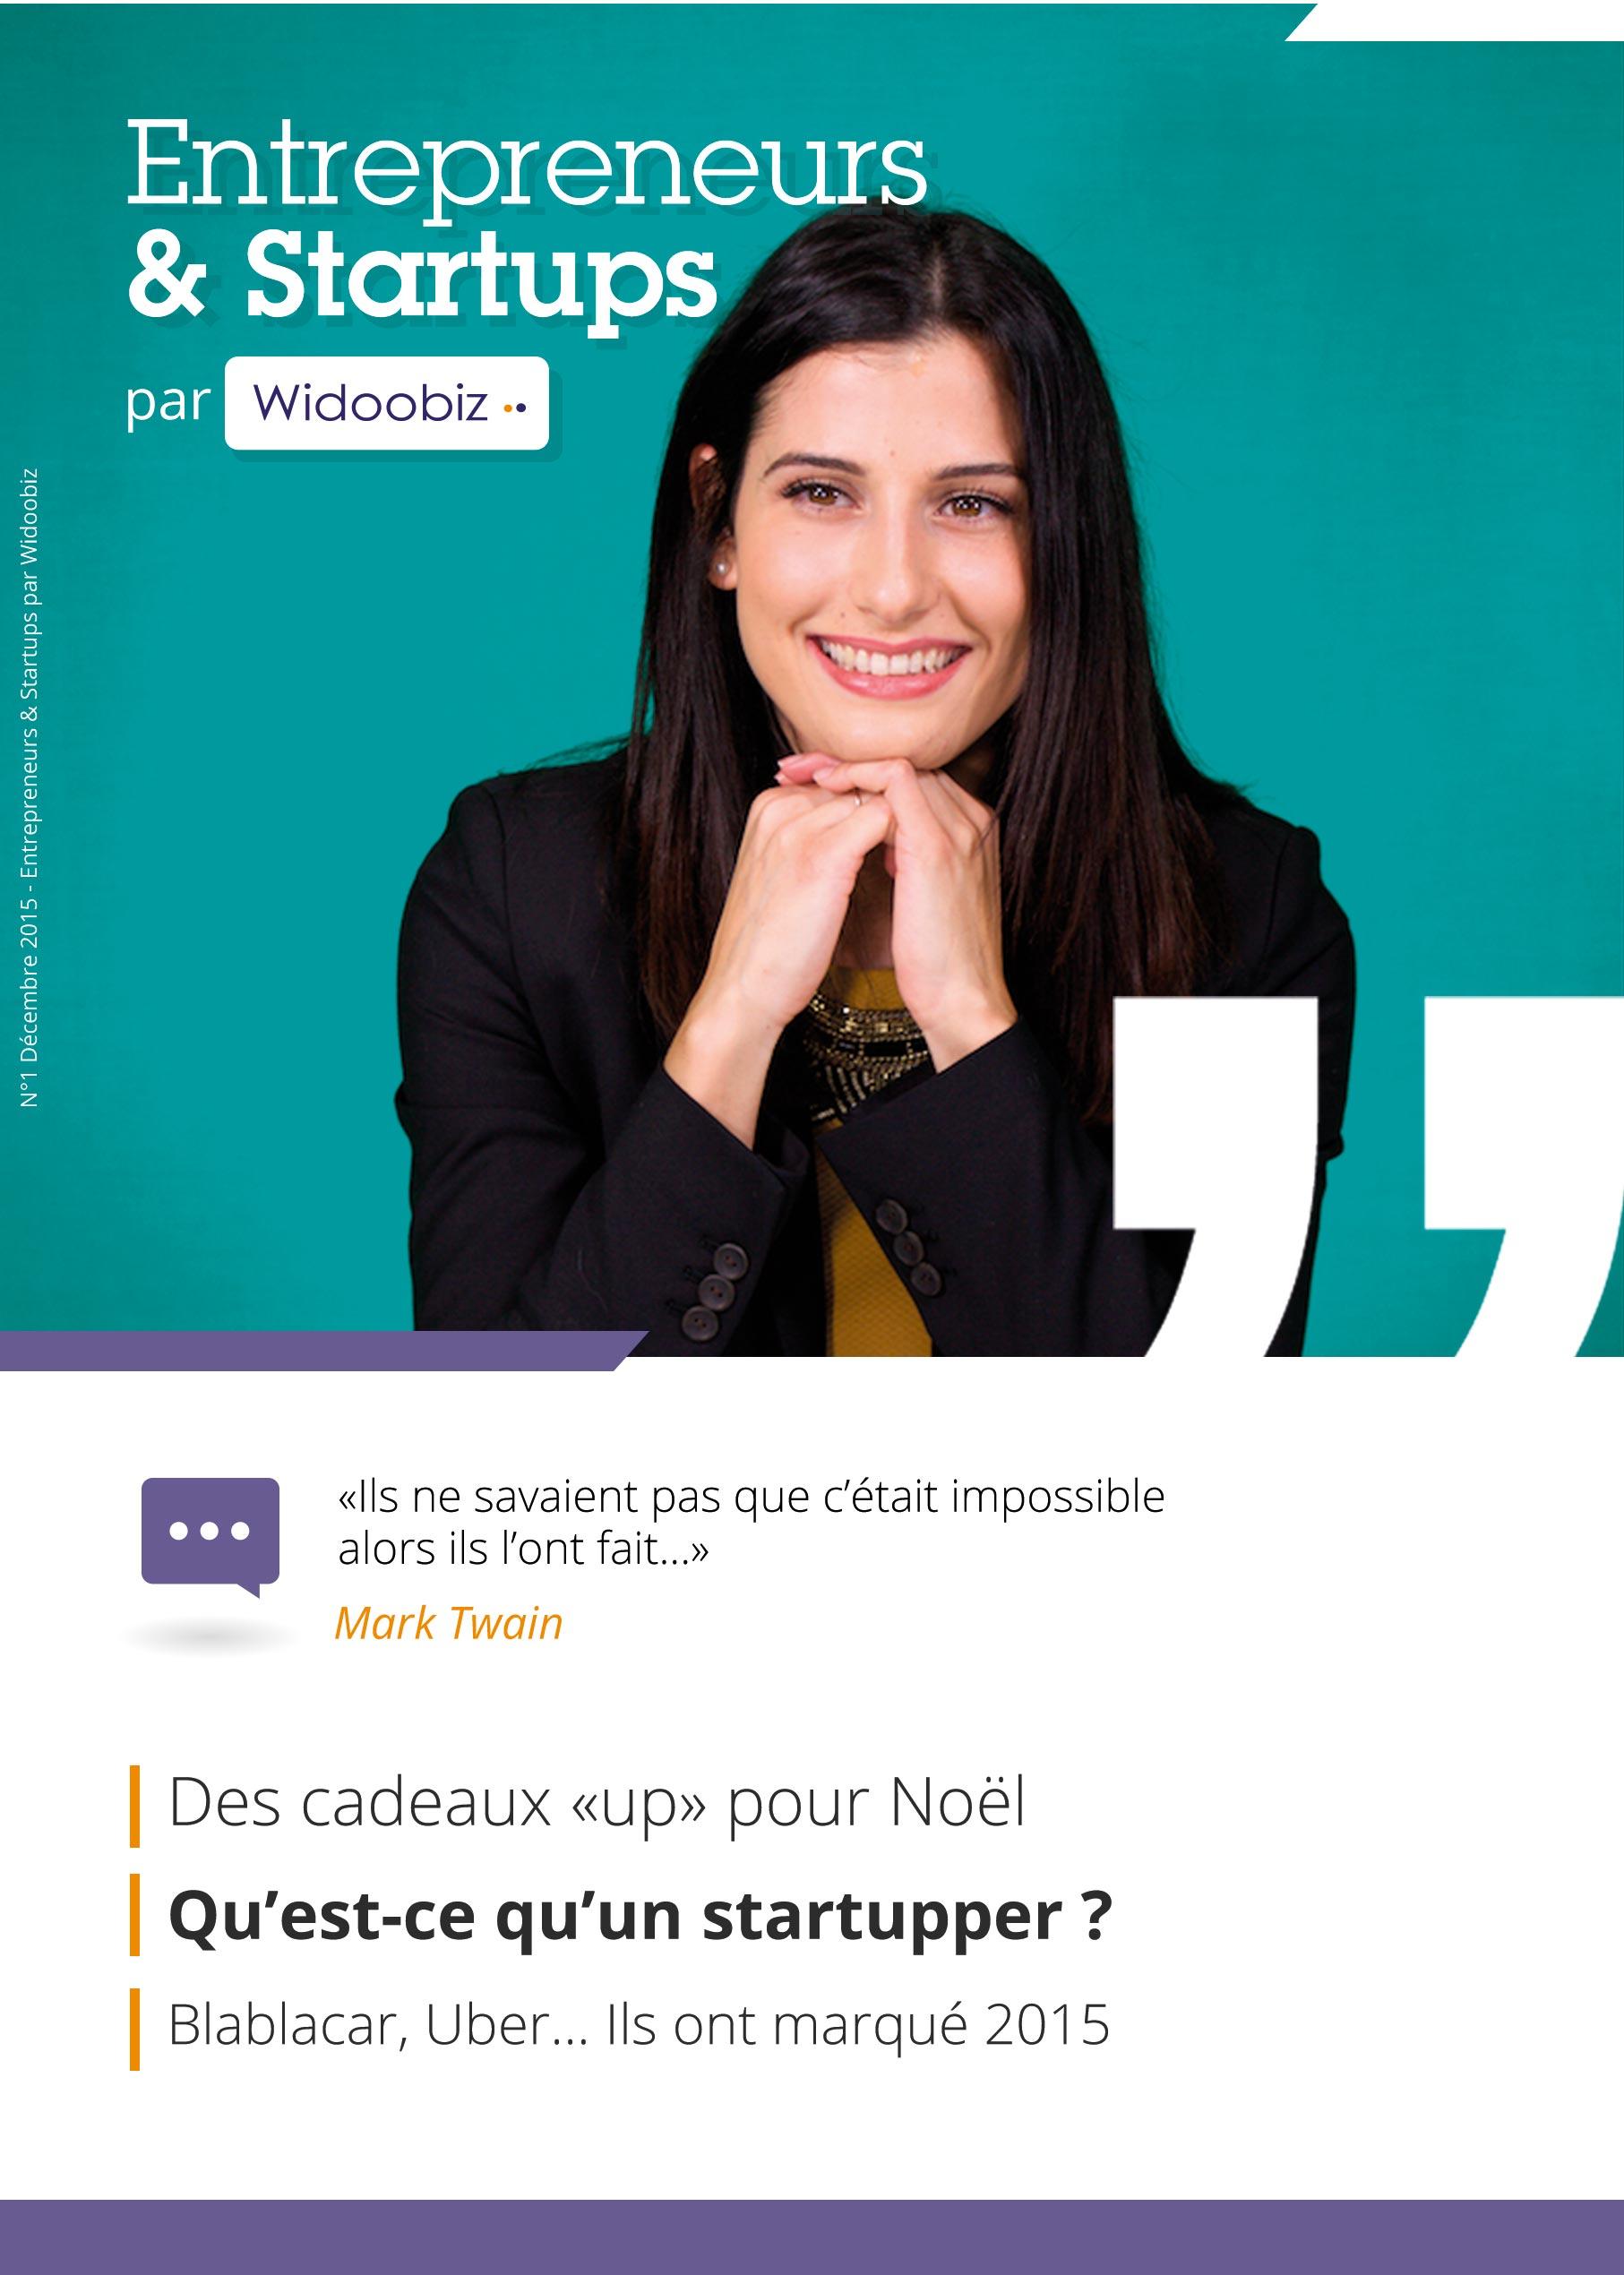 Entrepreneurs & Startups noel 2015